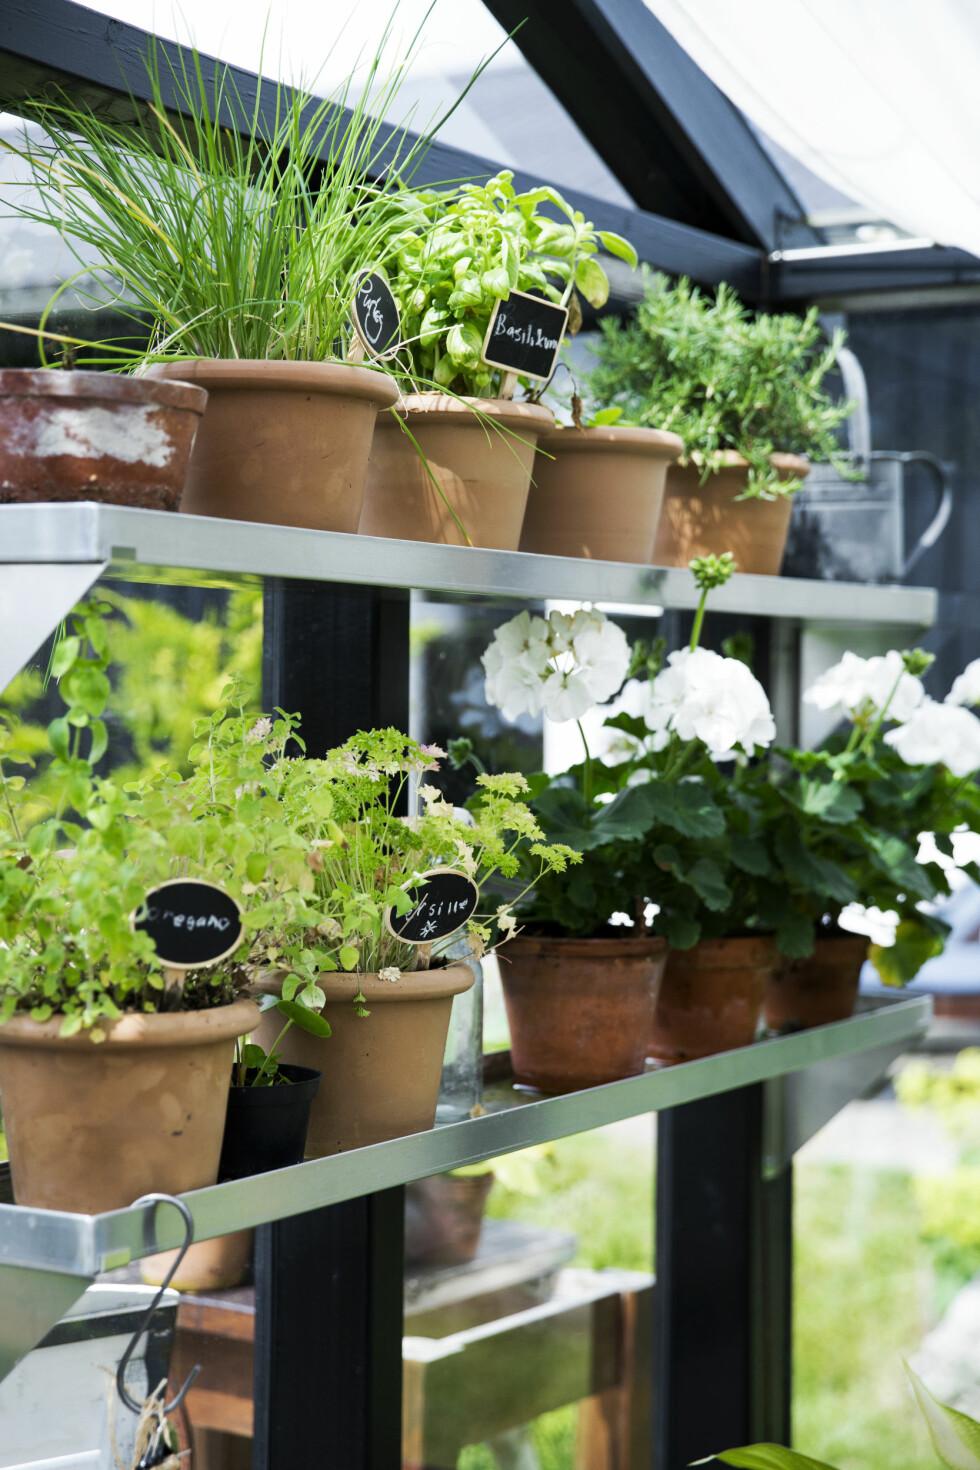 POTTEPLANTER: I drivhuset er det satt opp hyller til potter så det er masse plass til alle de ulike urteplantene. Hyllene er fra Zinkbakken.dk. Foto: Tia Borgsmidt